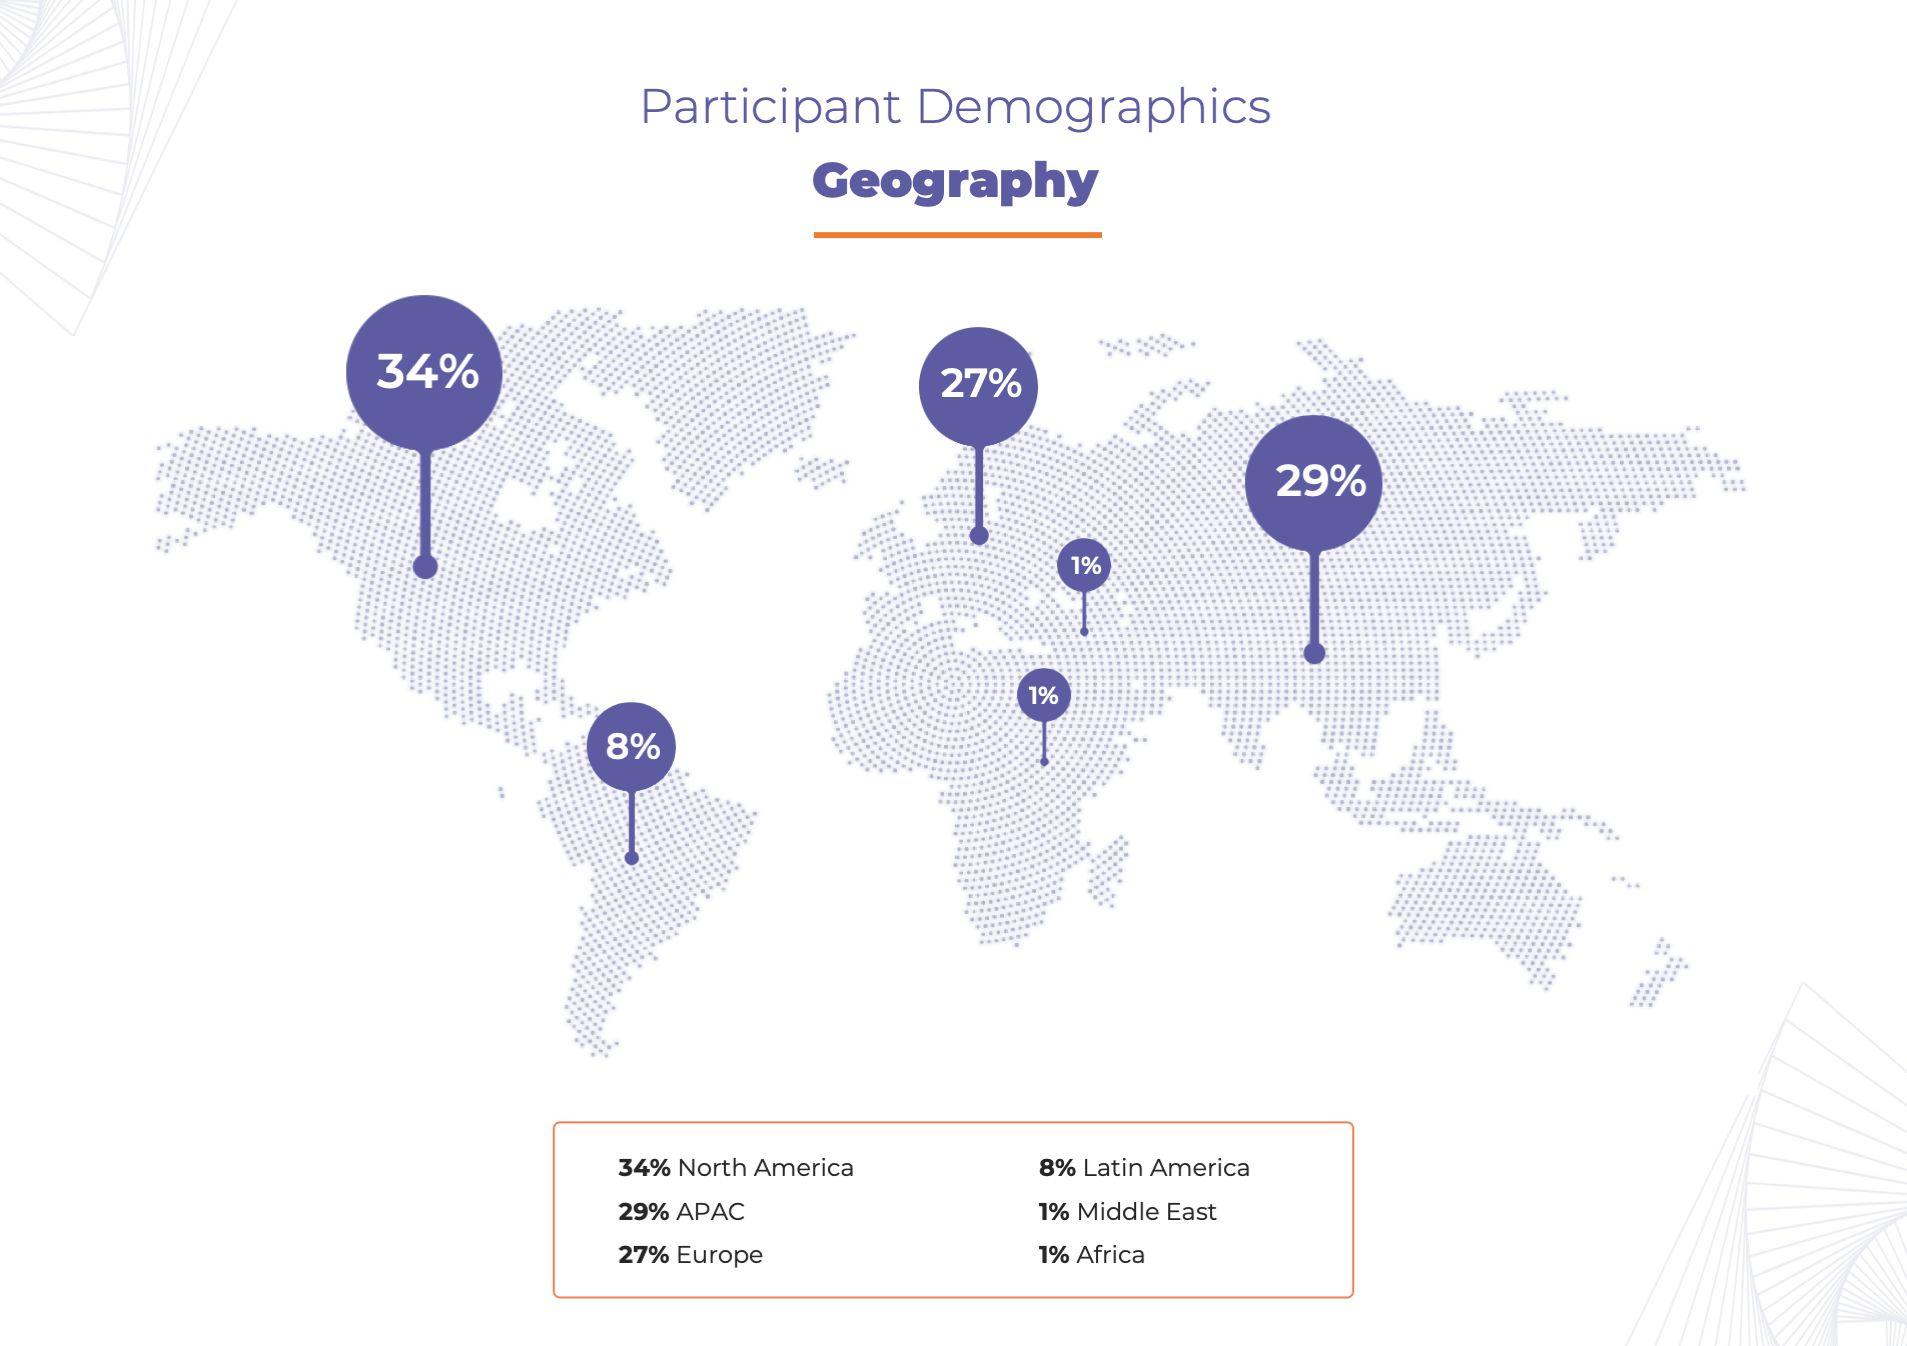 CS Survey - Participant Demographics Geography